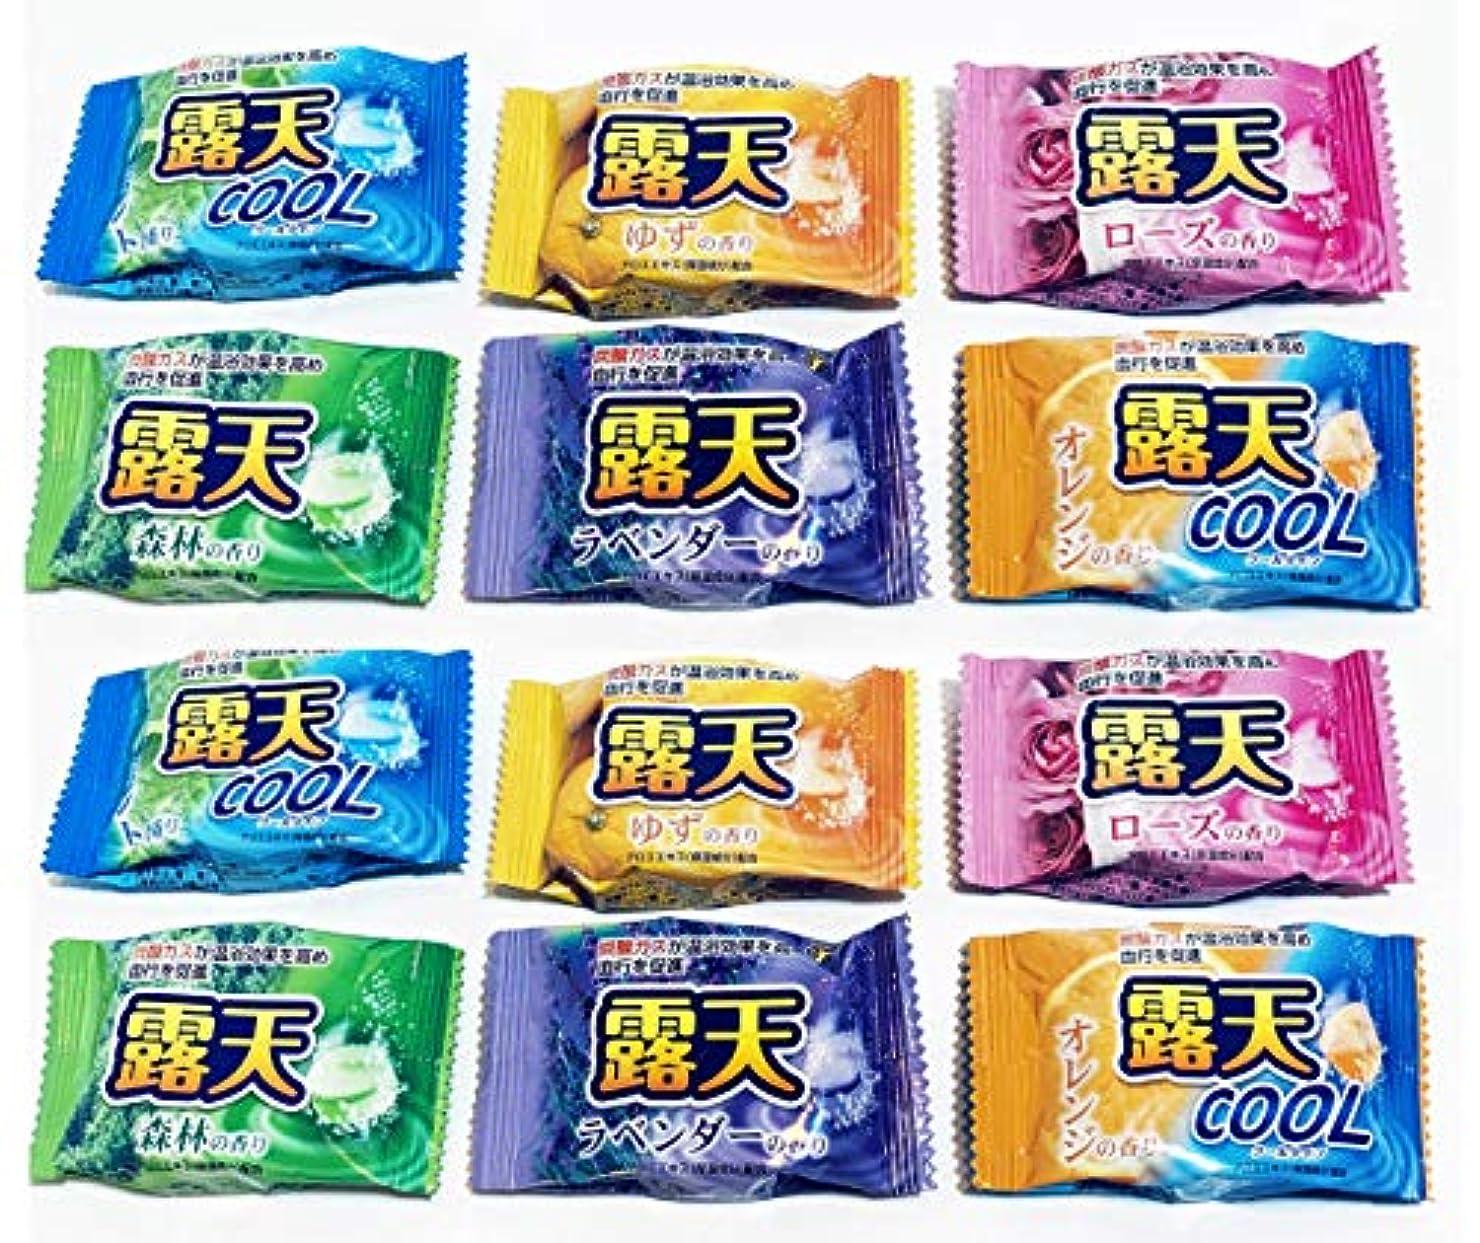 キャプチャー結晶振る舞い露天 入浴剤 6種類 バラエティセット 【×2個 】合計12個